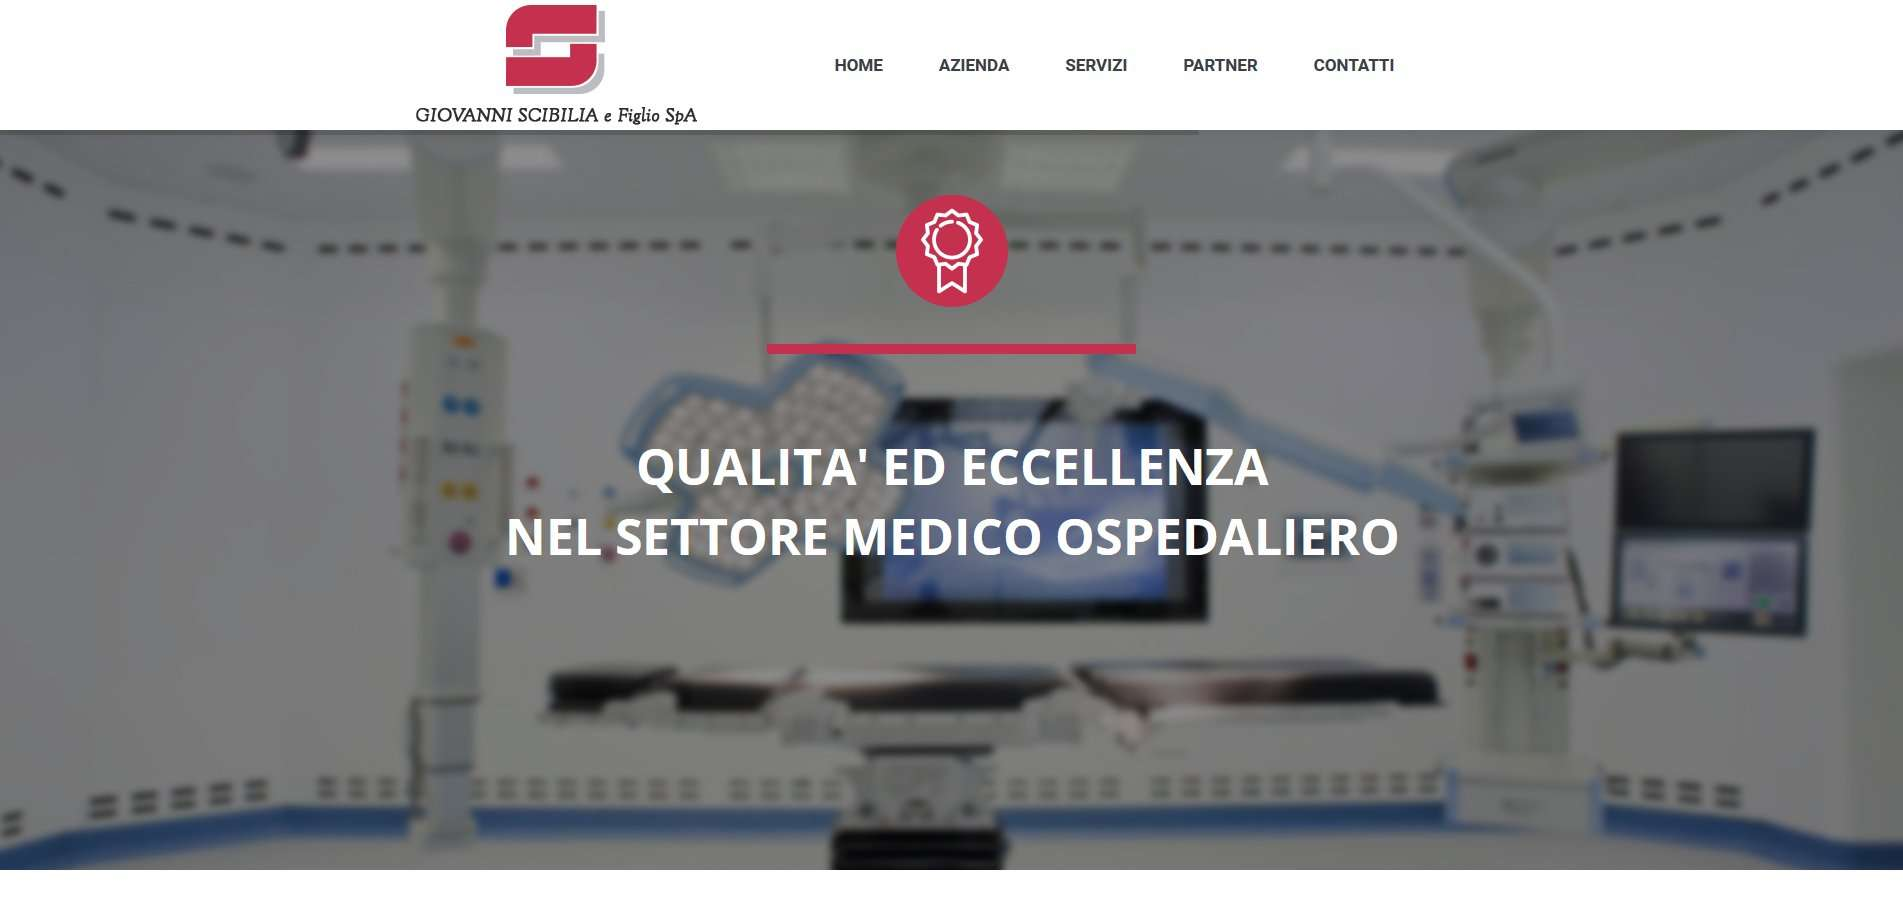 Scibilia_S.p.a._-_Apparecchiature_per_il_settore_medico_-_2016-12-21_12.38.30